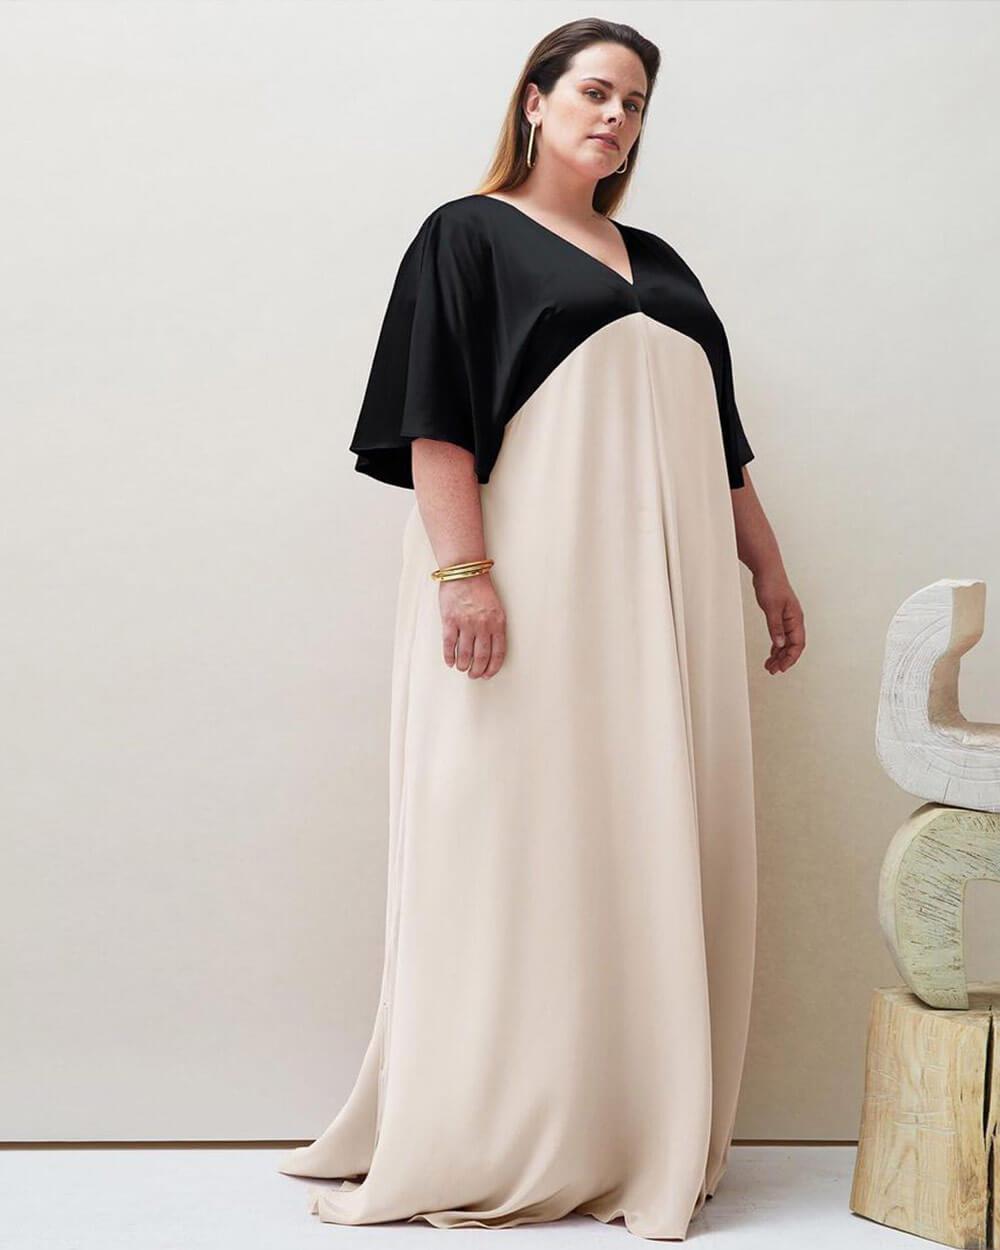 Coyan plus size fashion brand